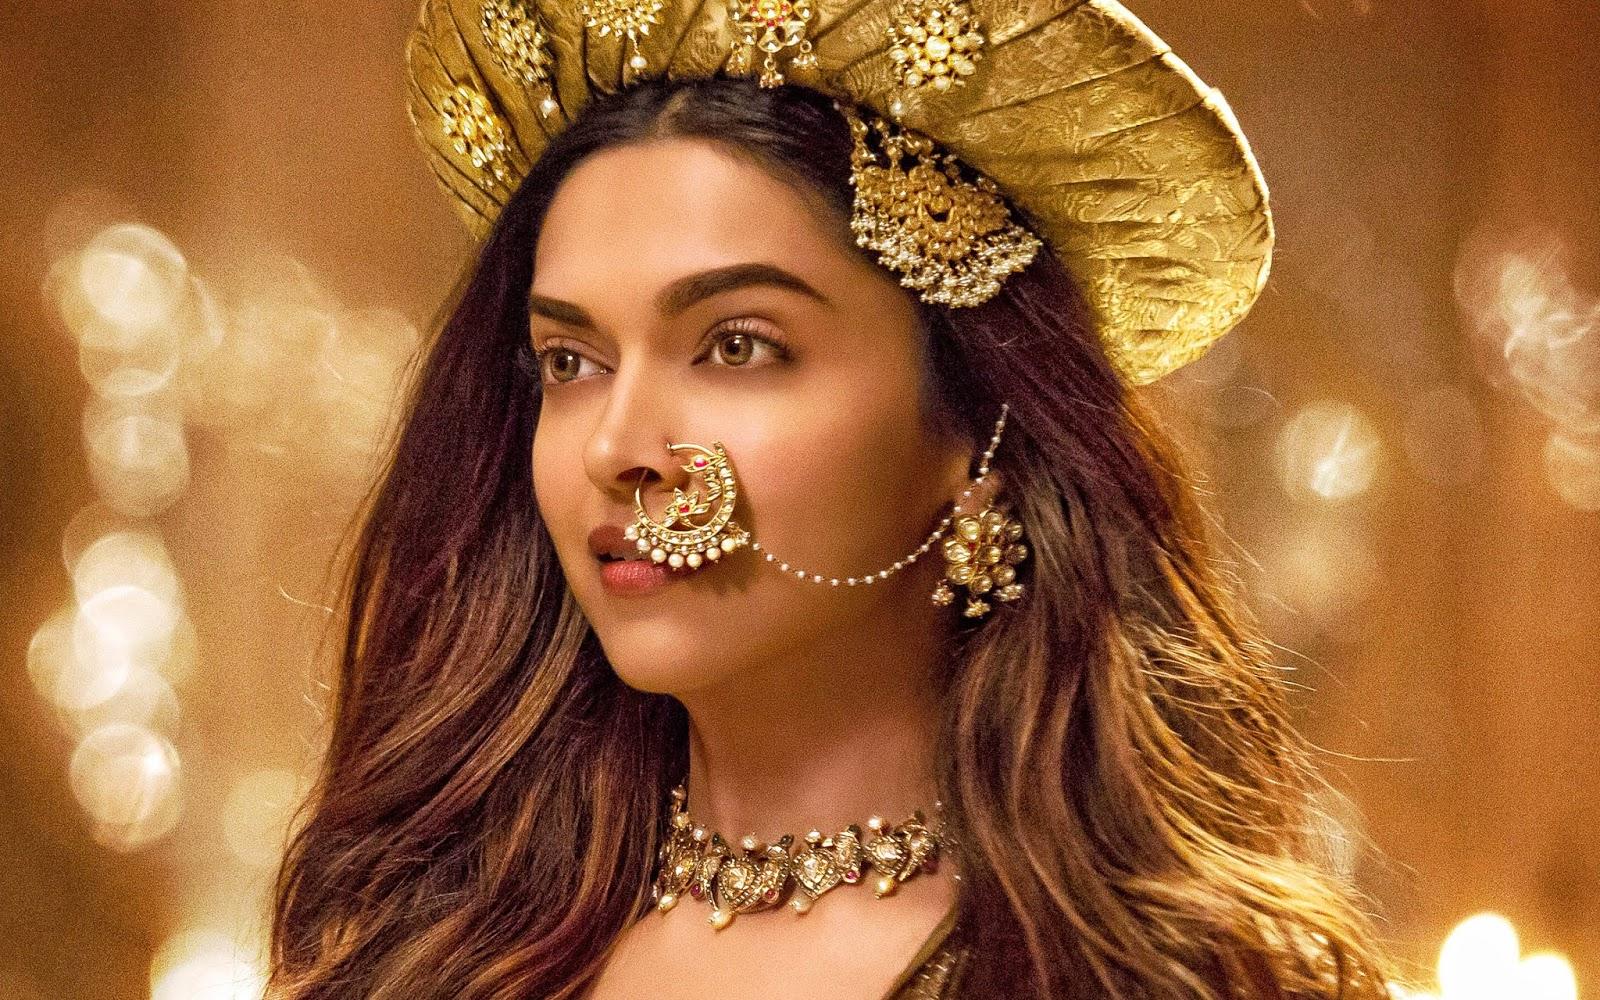 Deepika Padukone Actress : Wallpaper, Poster, Image, Movie ...